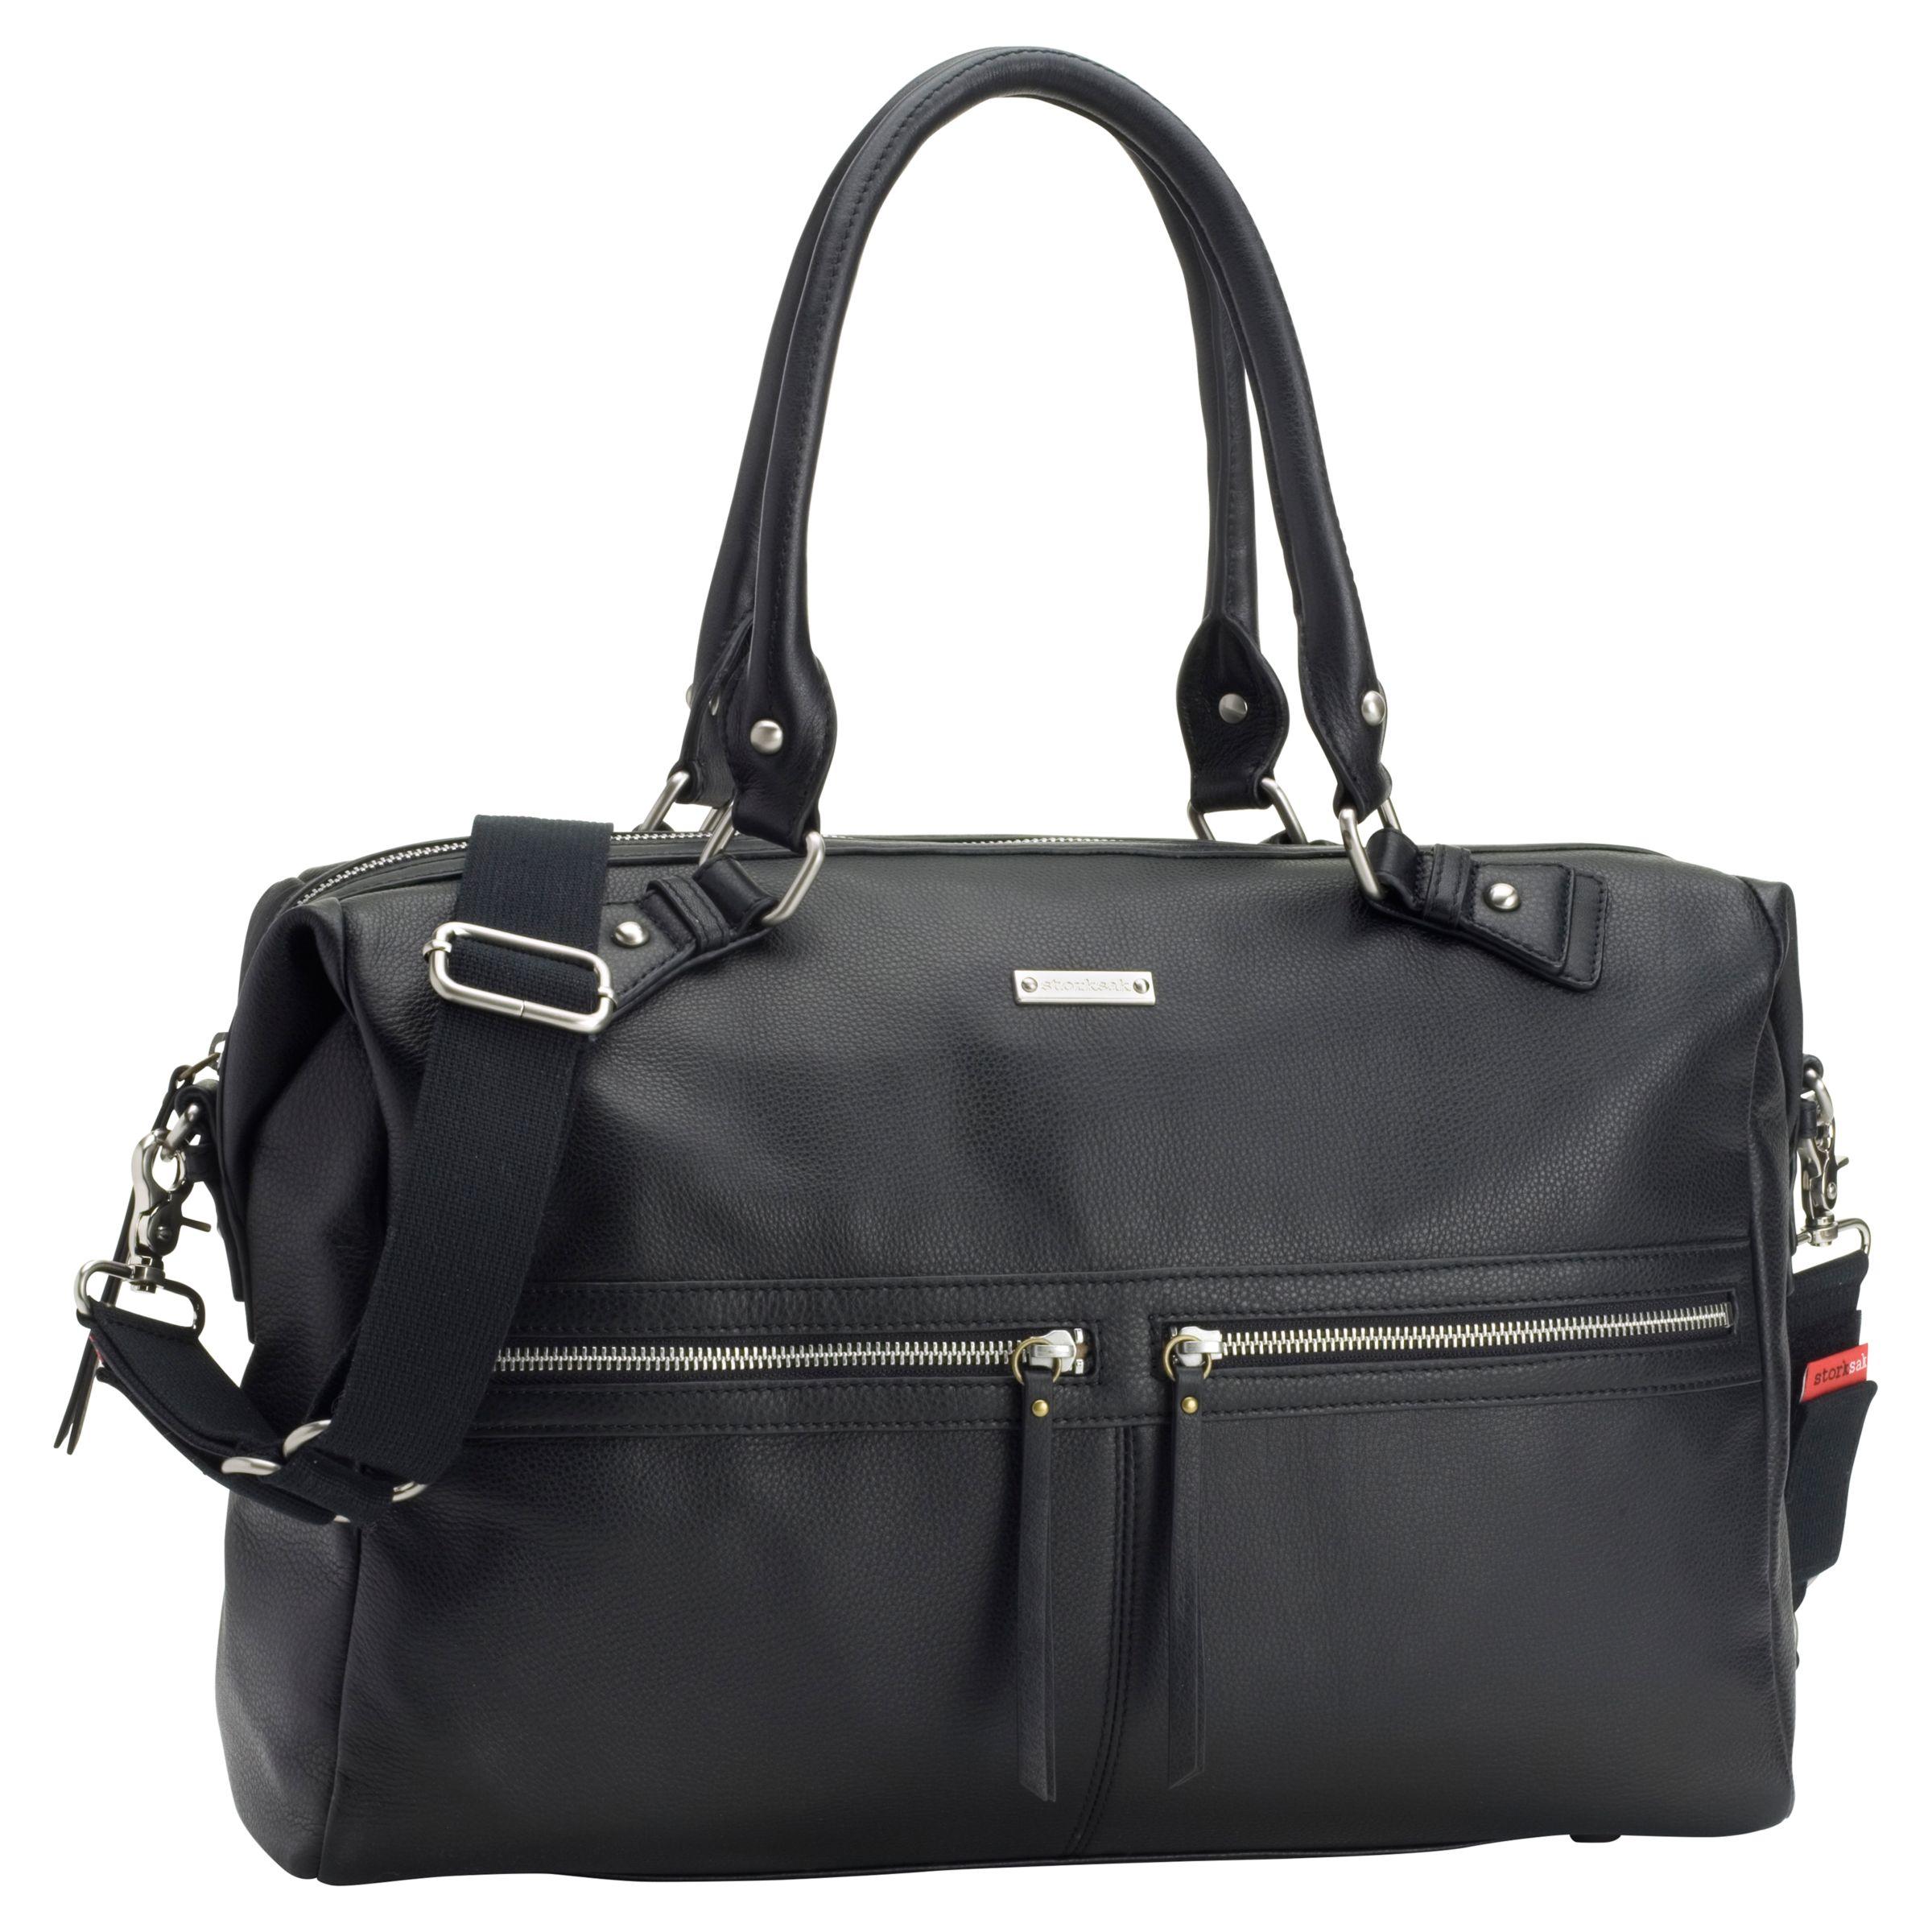 Storksak Storksak Caroline Changing Bag, Black Leather